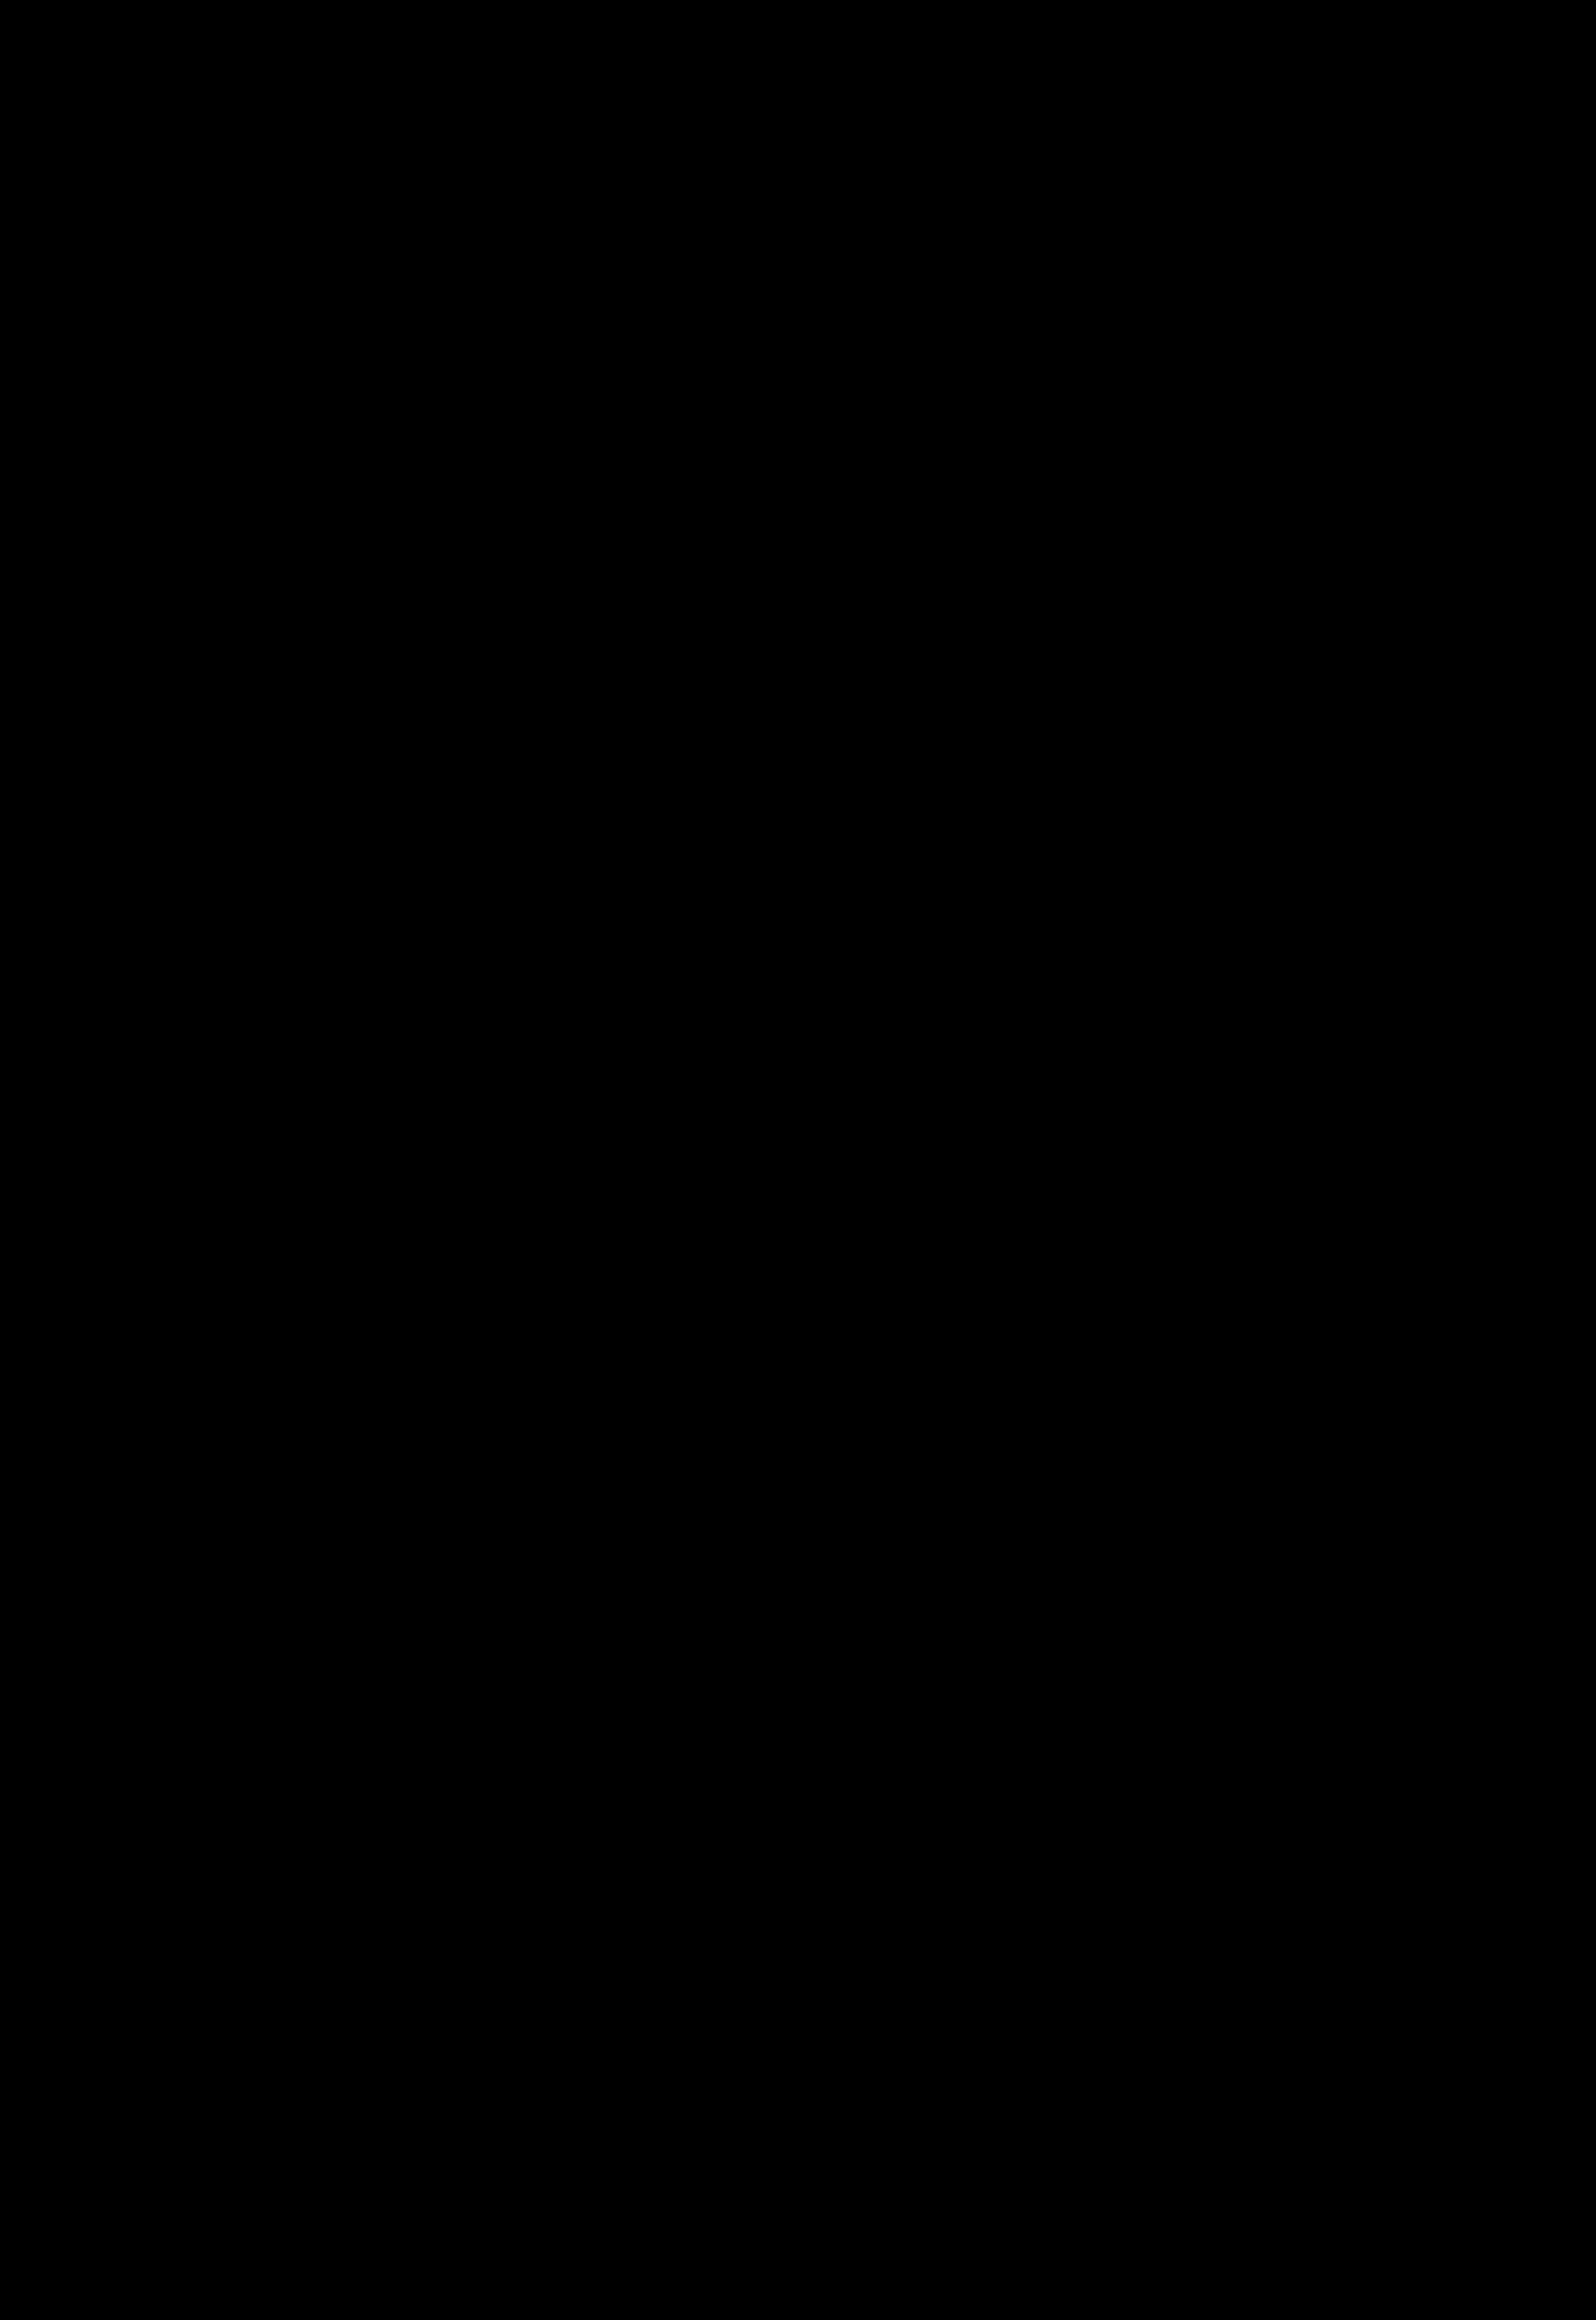 Карта Пинан Шодан Видео